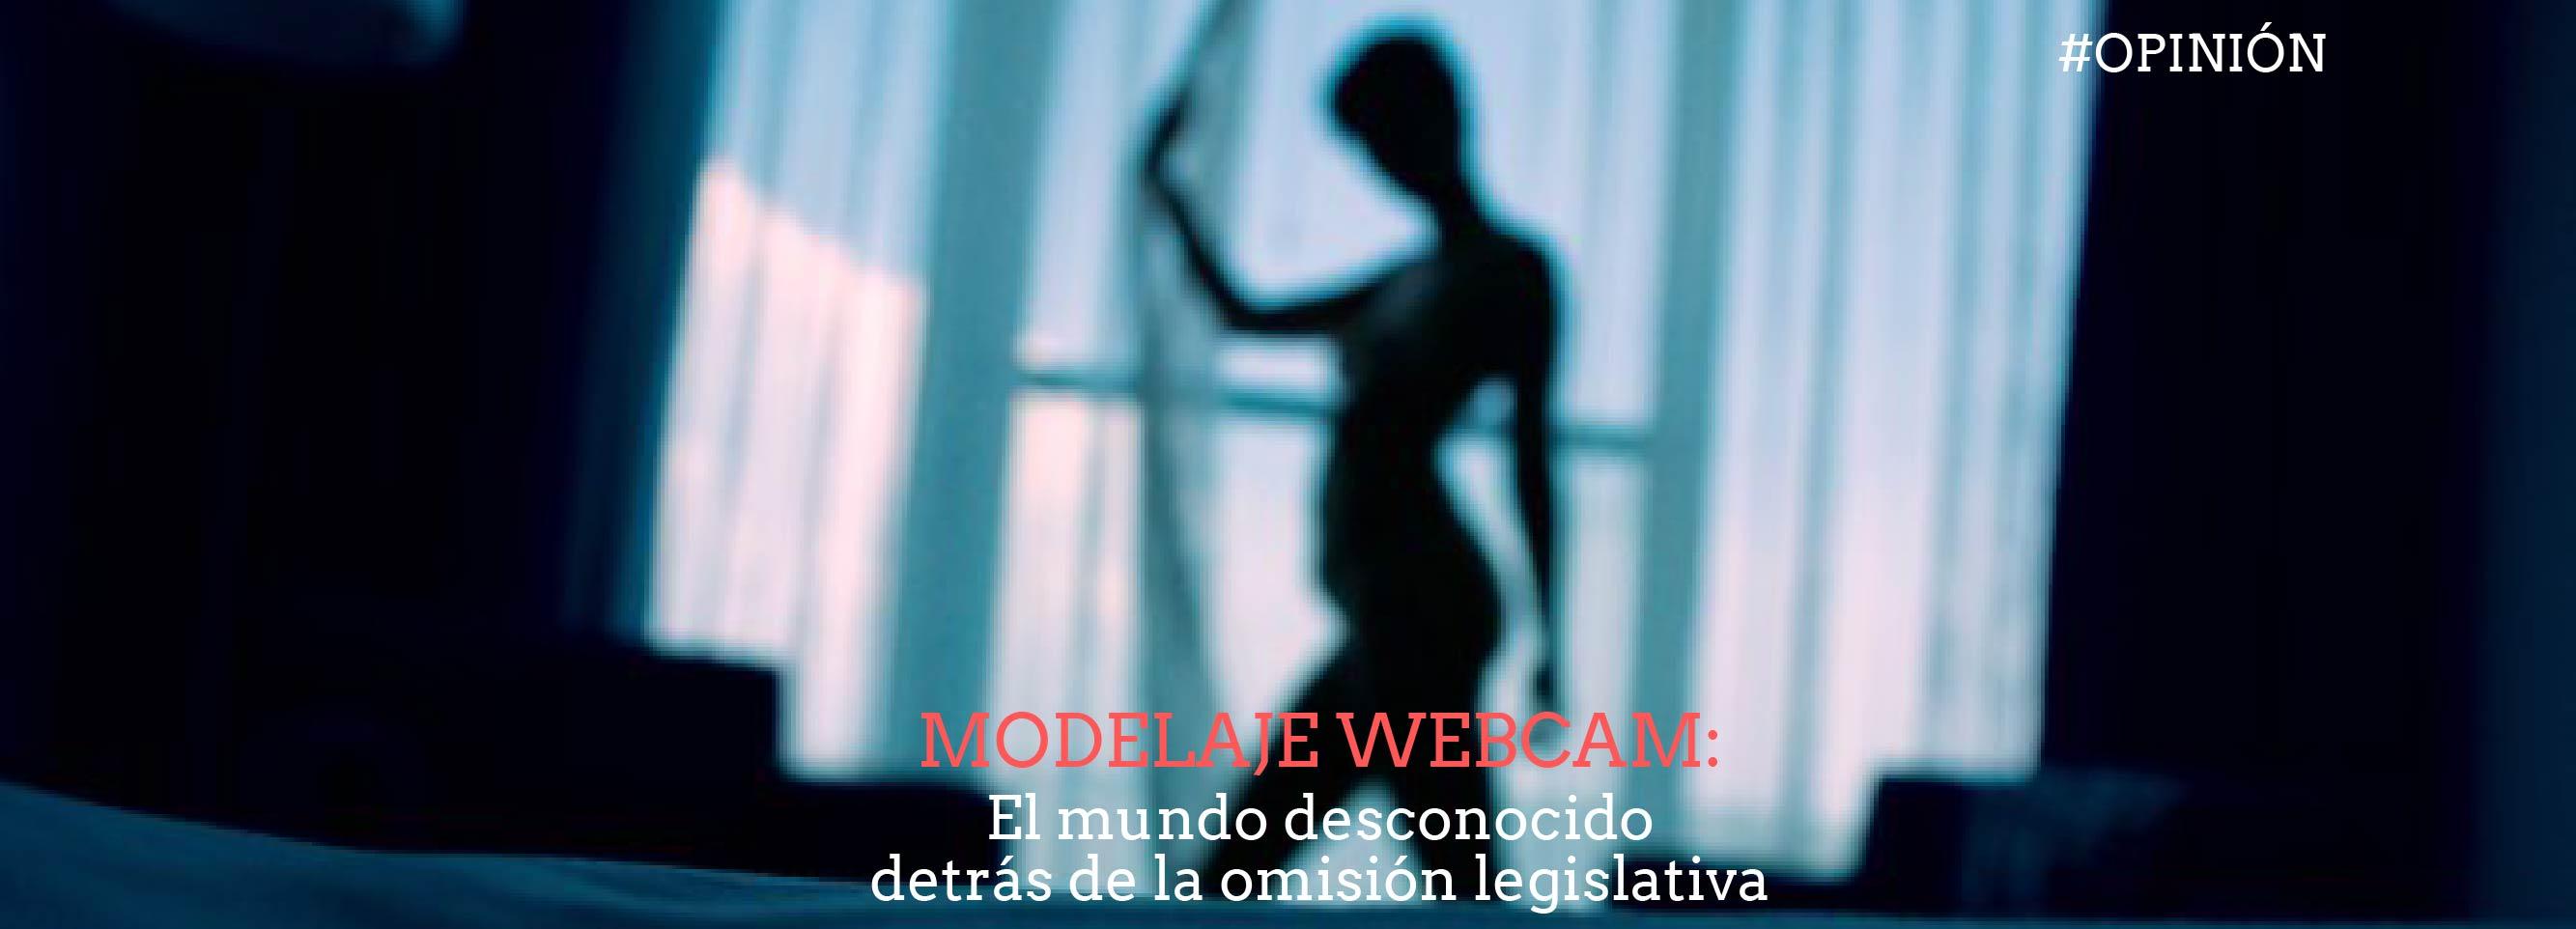 Modelaje Webcam: El mundo desconocido detrás de la omisión legislativa